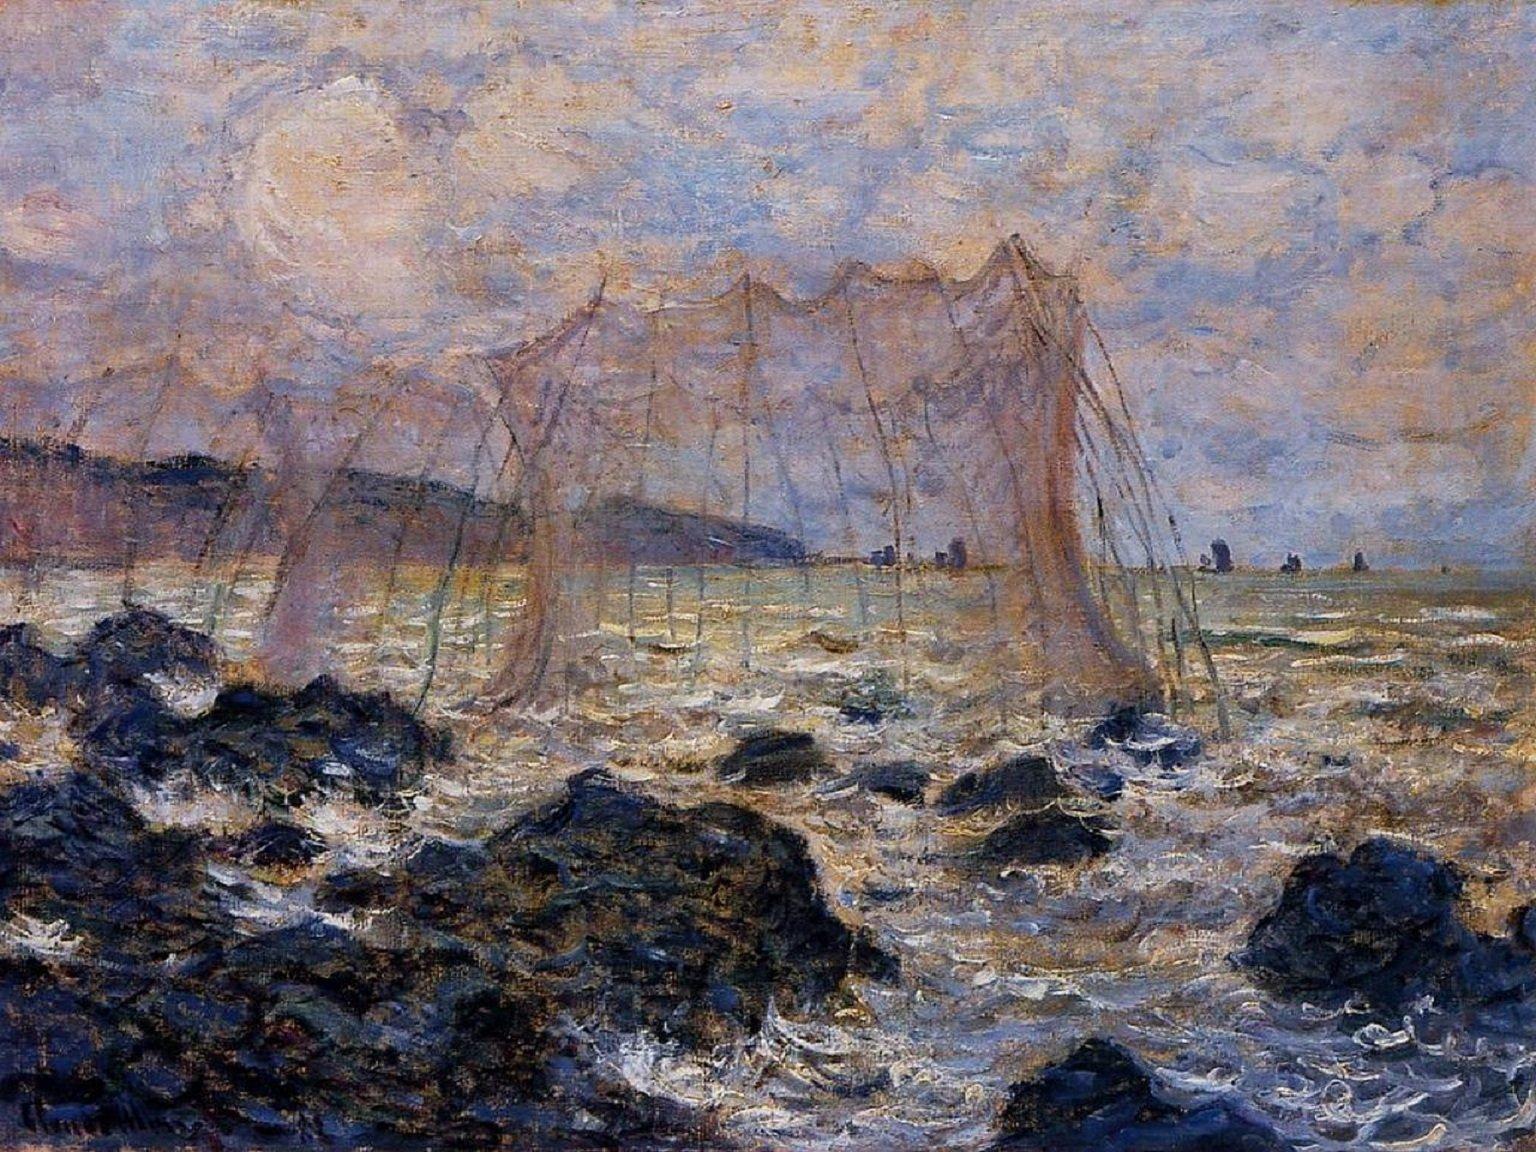 морские пейзажи < Рыболовные сети в Пурвилле >:: Клод Моне, описание картины - Море в живописи ( морские пейзажи, seascapes ) фото